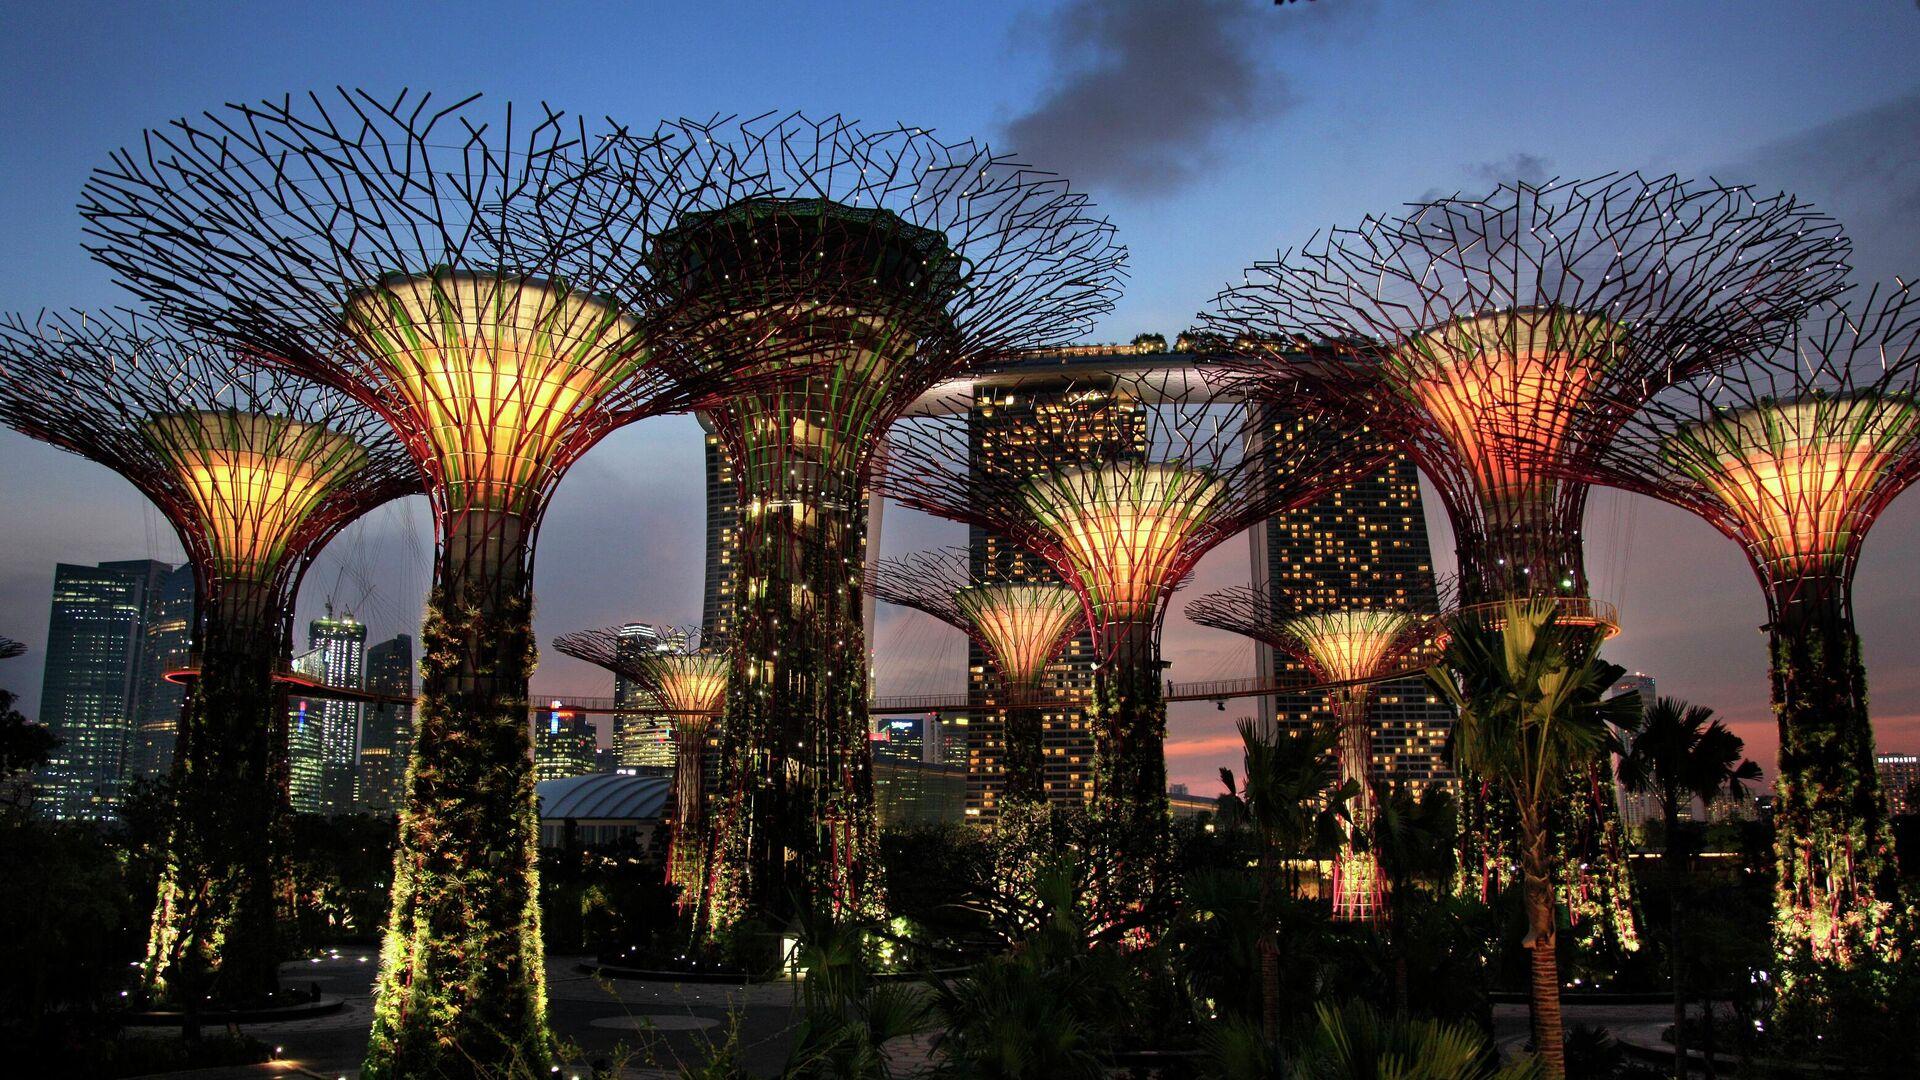 Un parque en Singapur - Sputnik Mundo, 1920, 09.08.2021